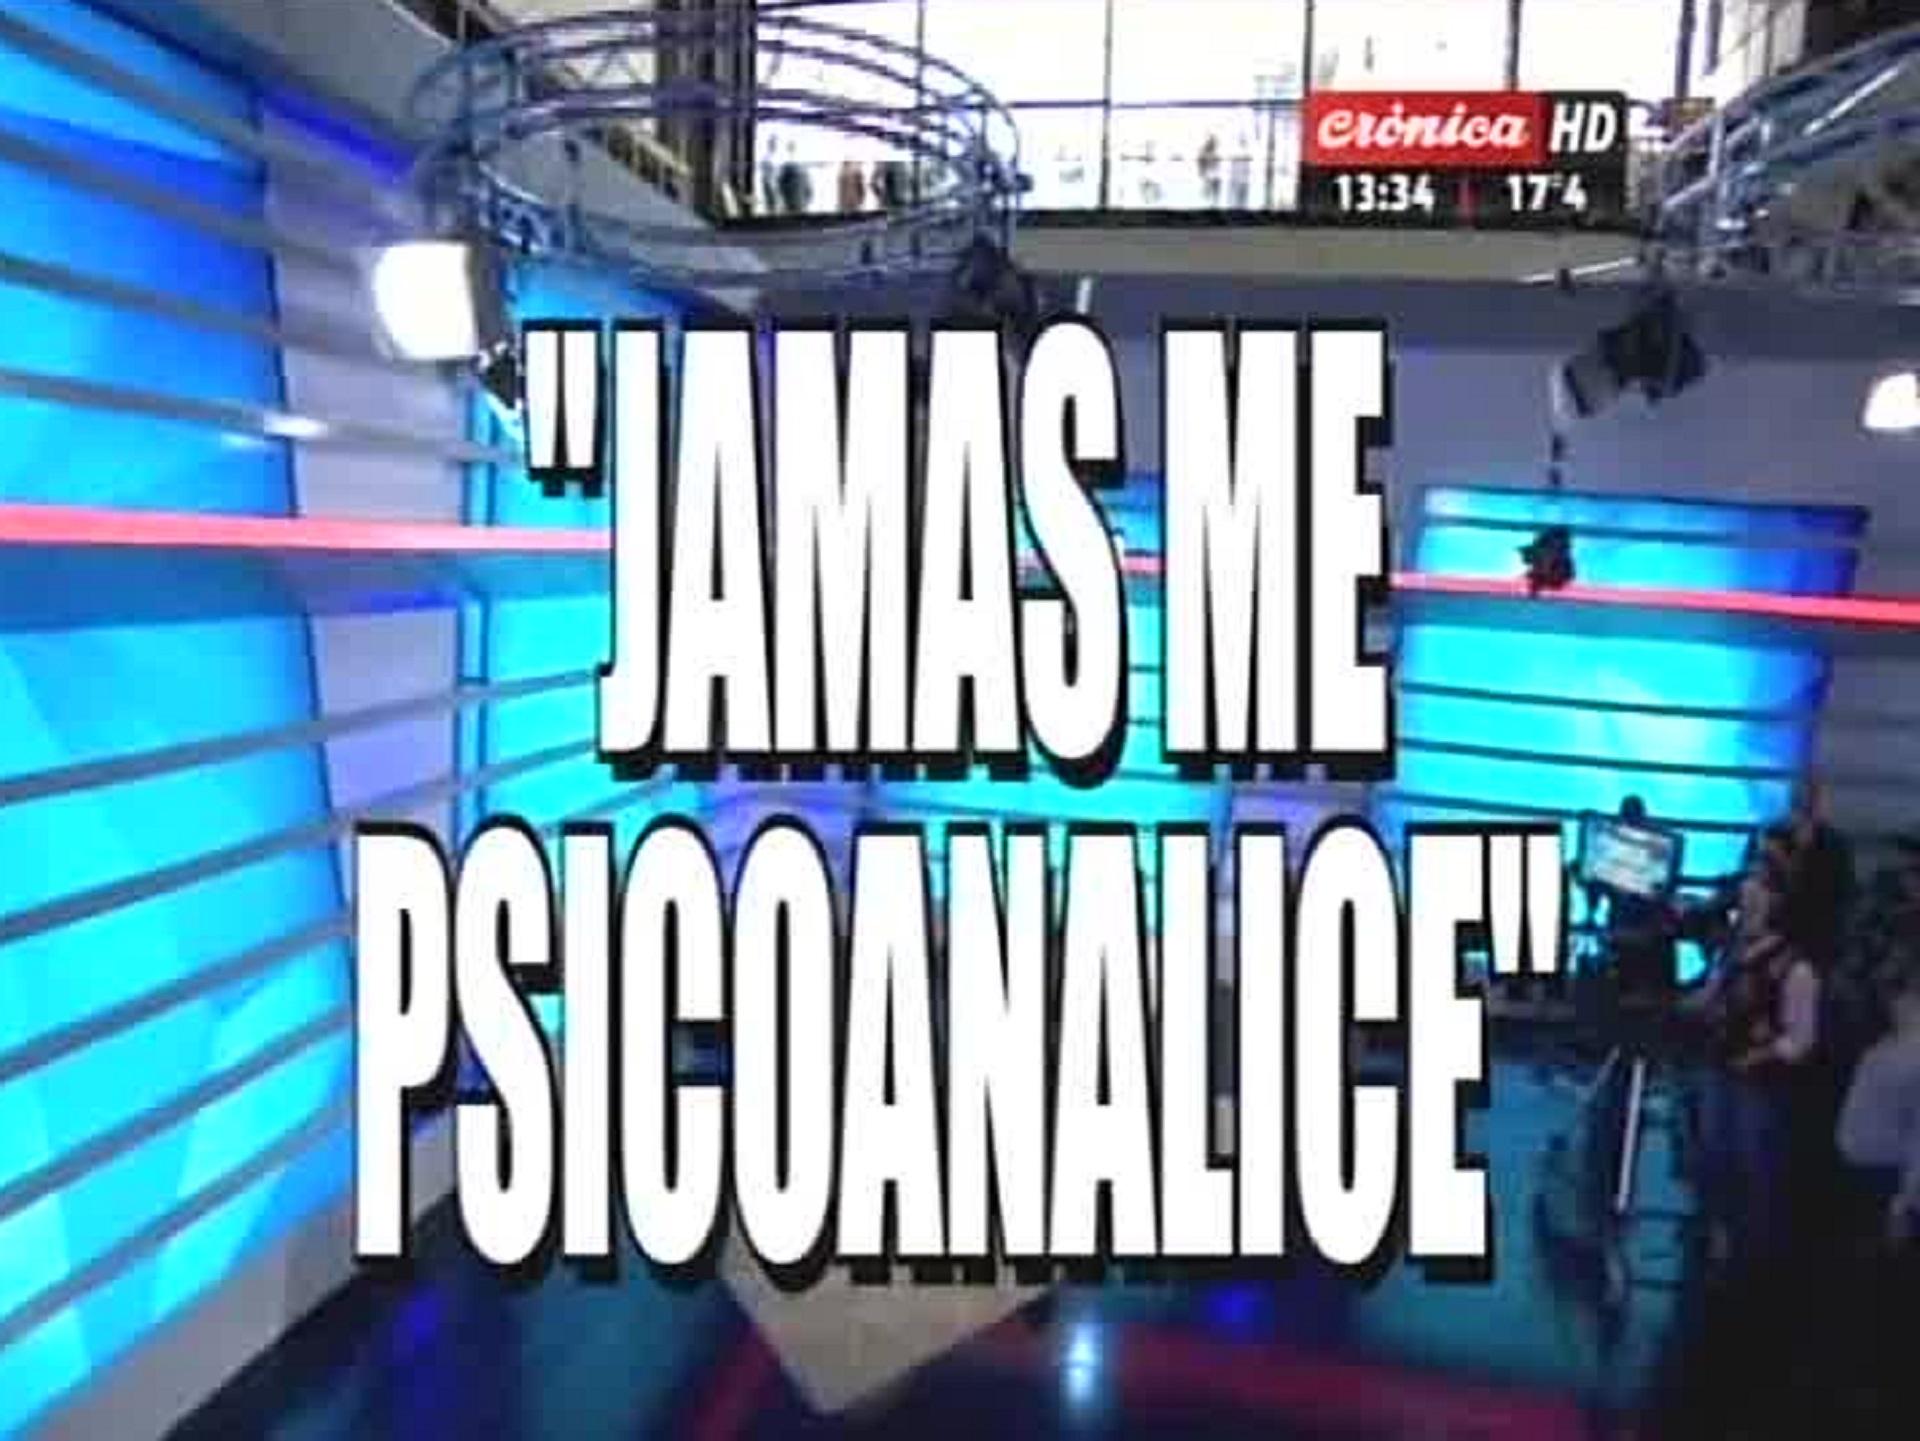 Placa de Crónica TV sobre la visita de Cristina Kirchner